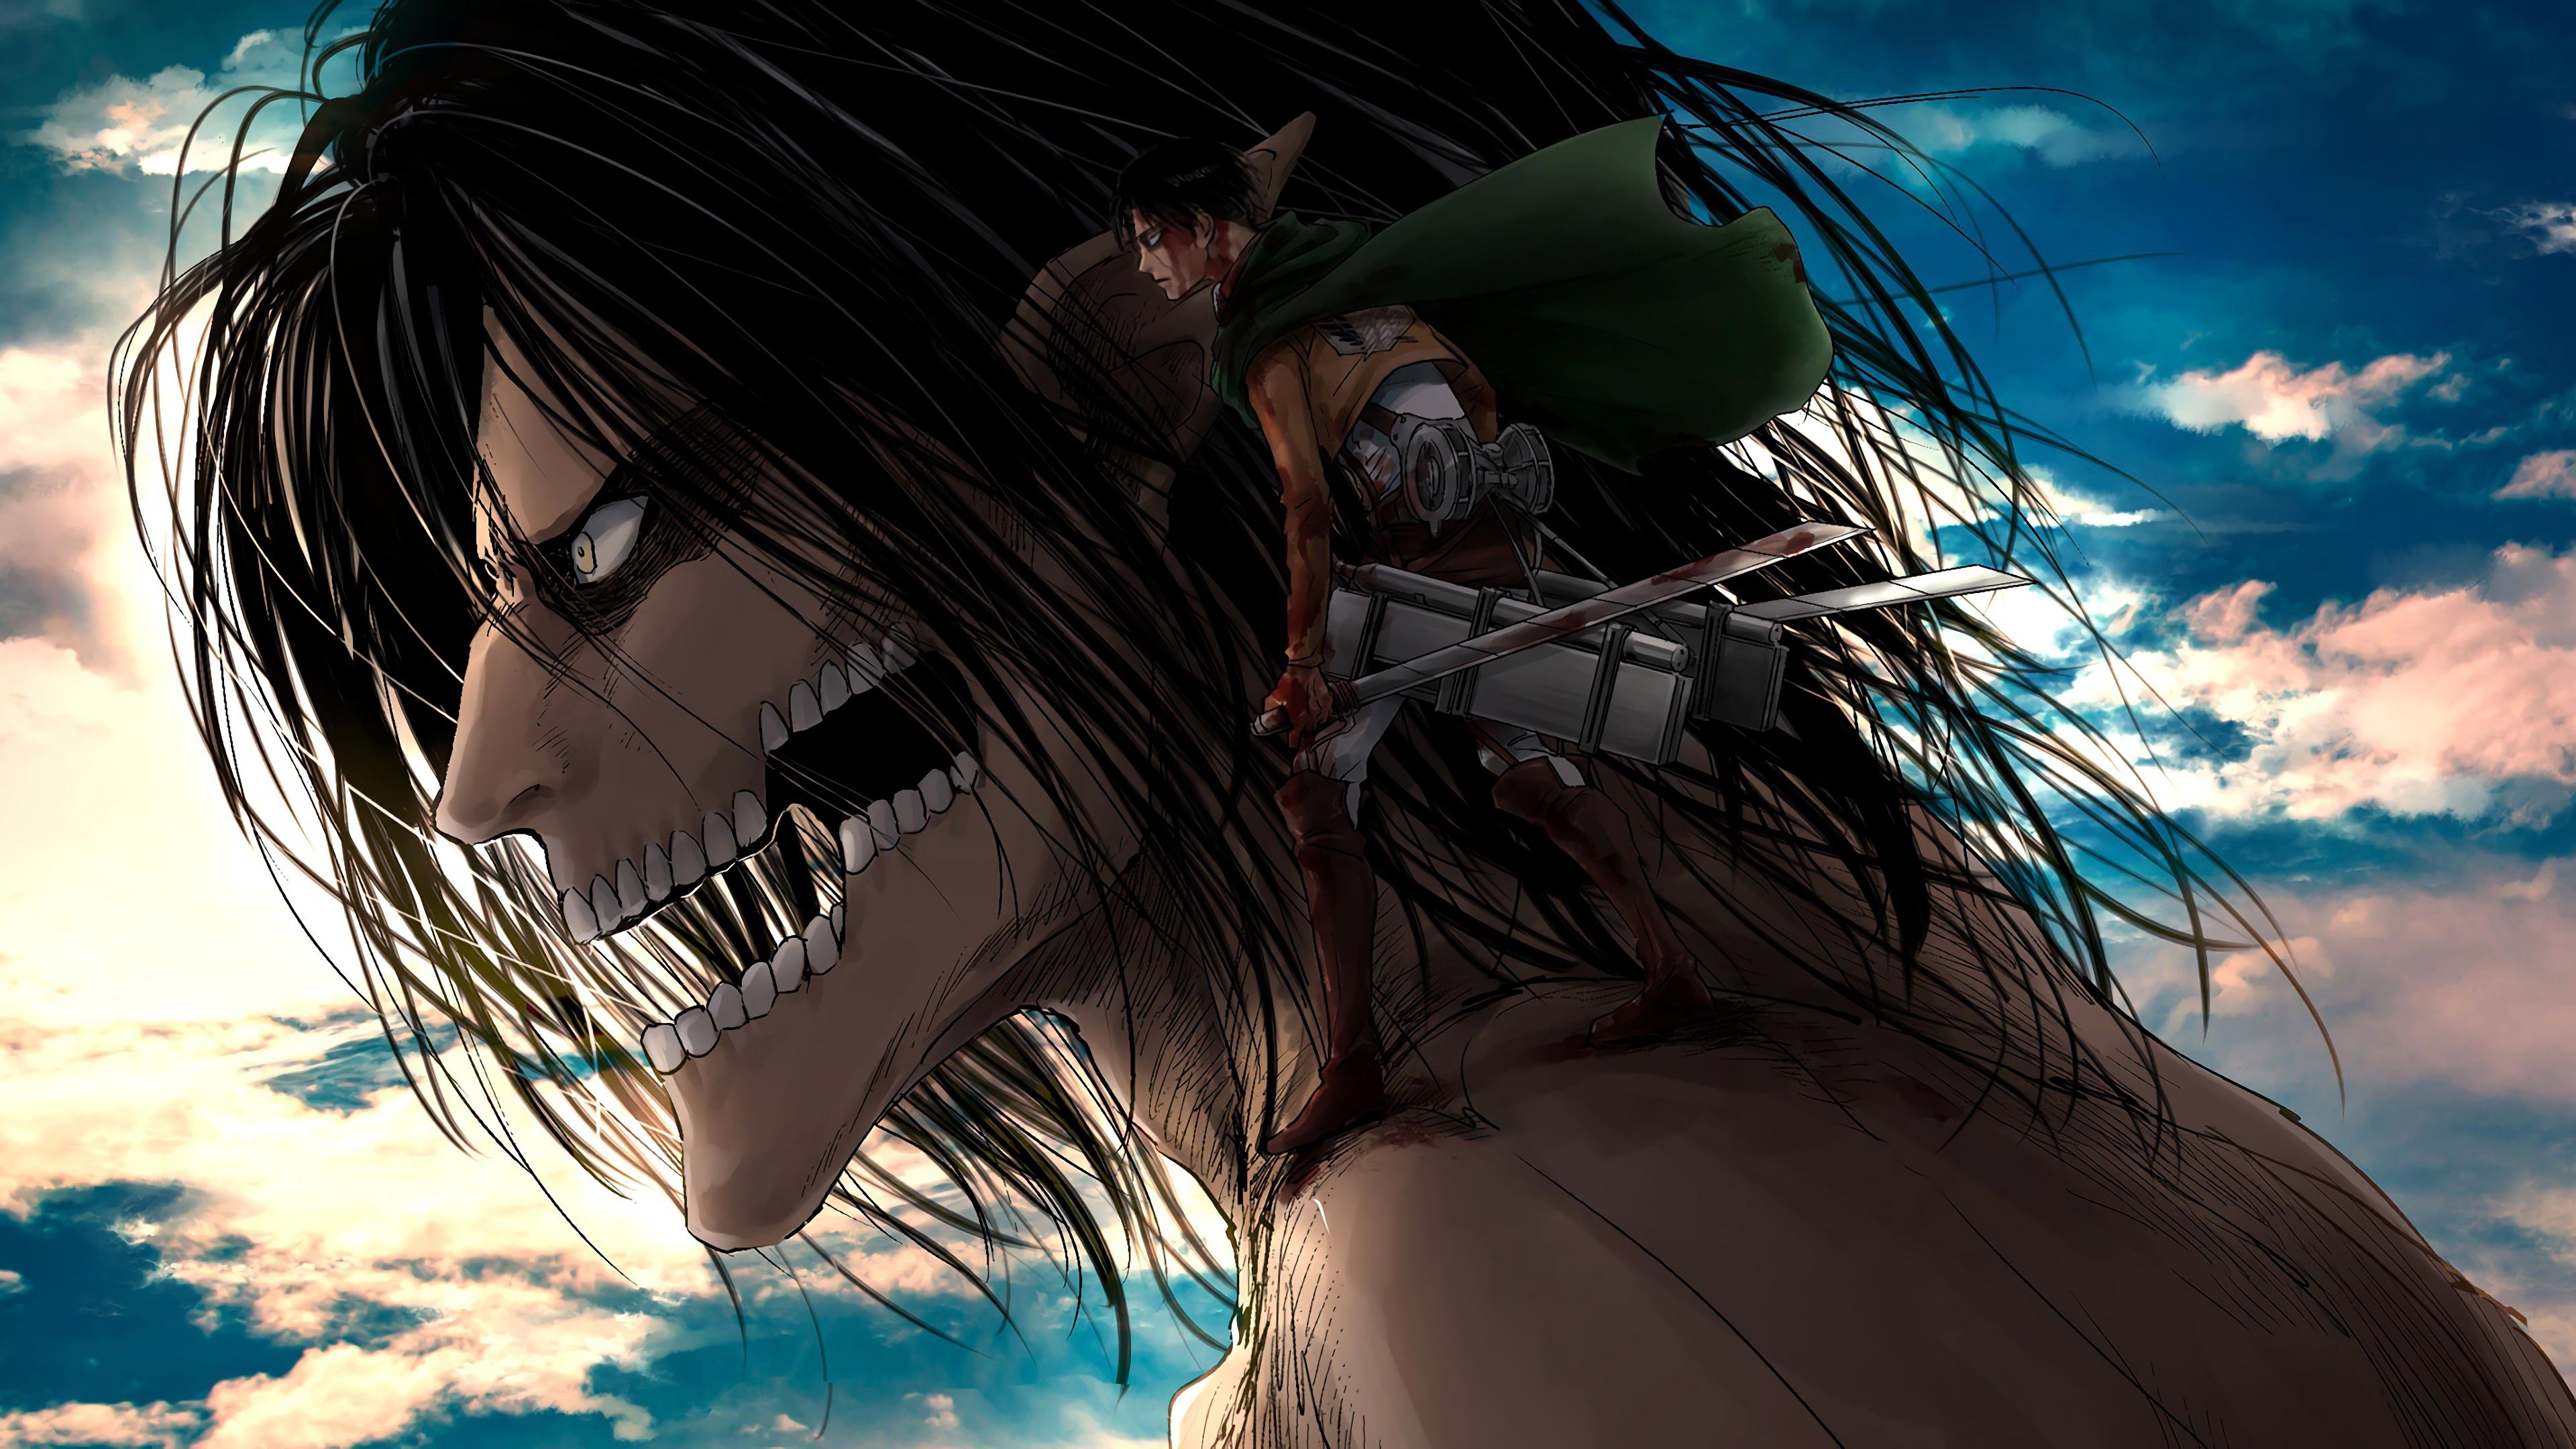 Attack Titan And Levi Attack On Titan 4k Wallpaper 170